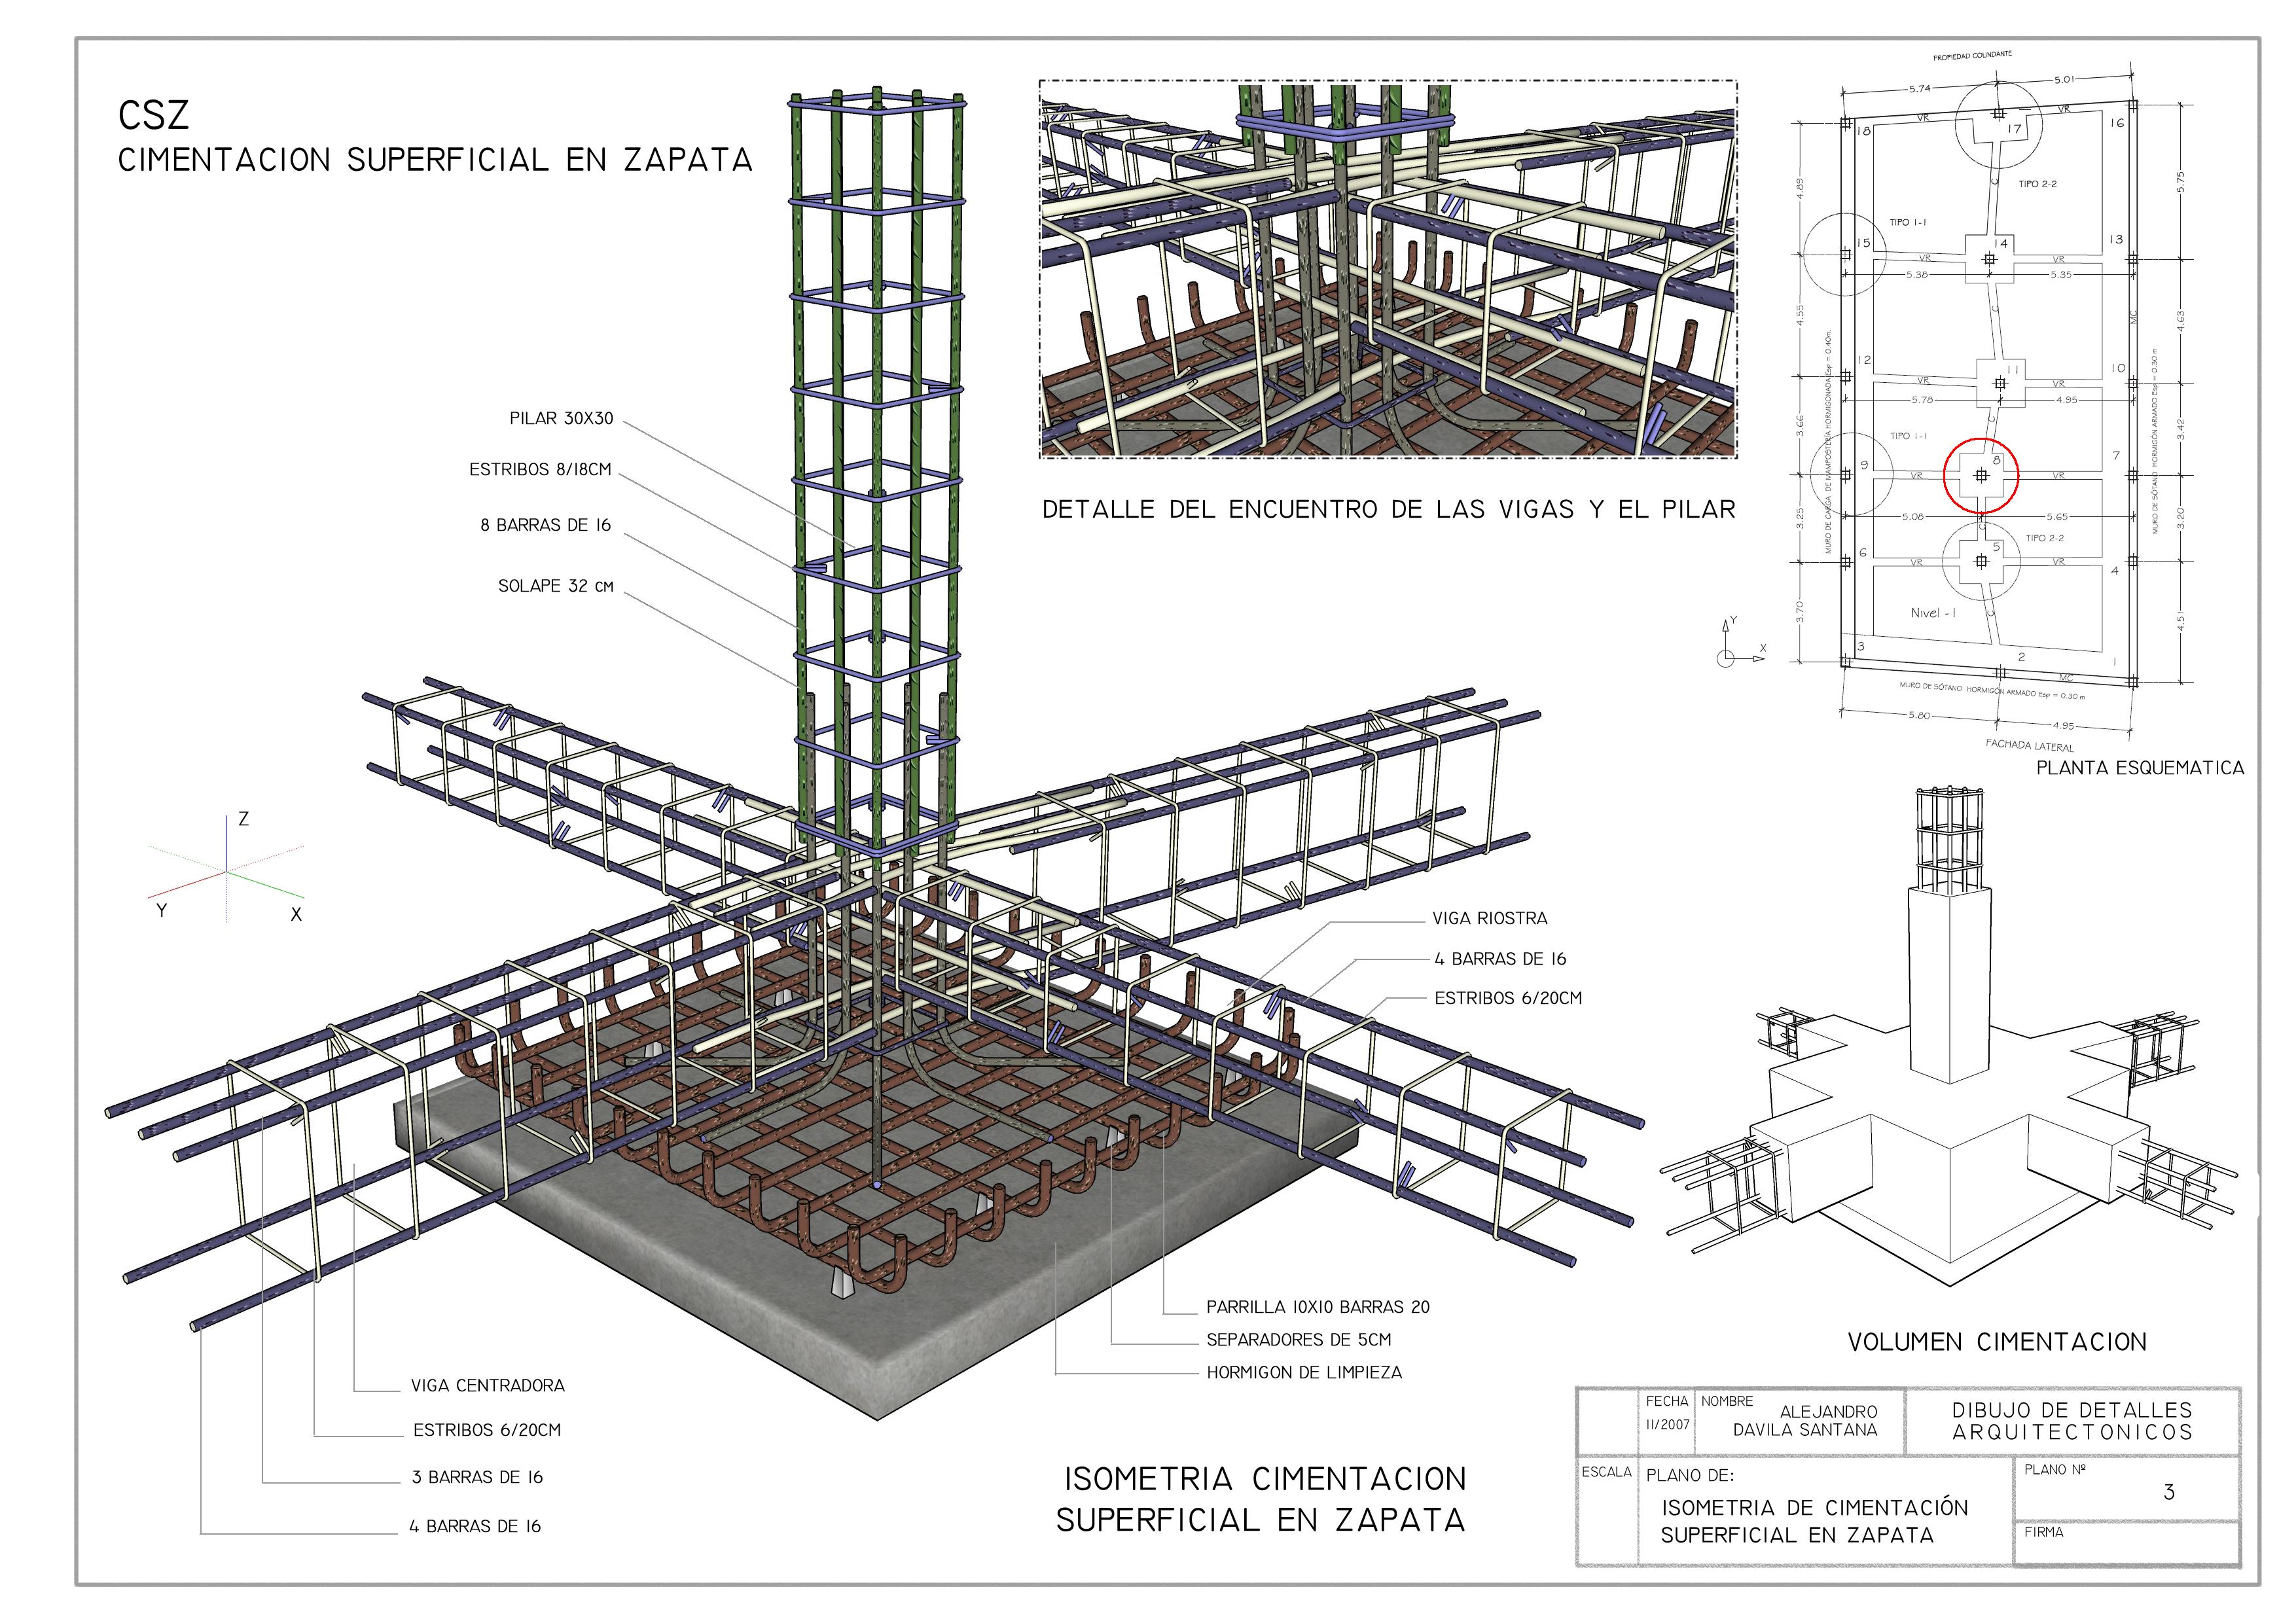 Detalles constructivos i alejandro d vila santana for Detalles constructivos de piscinas